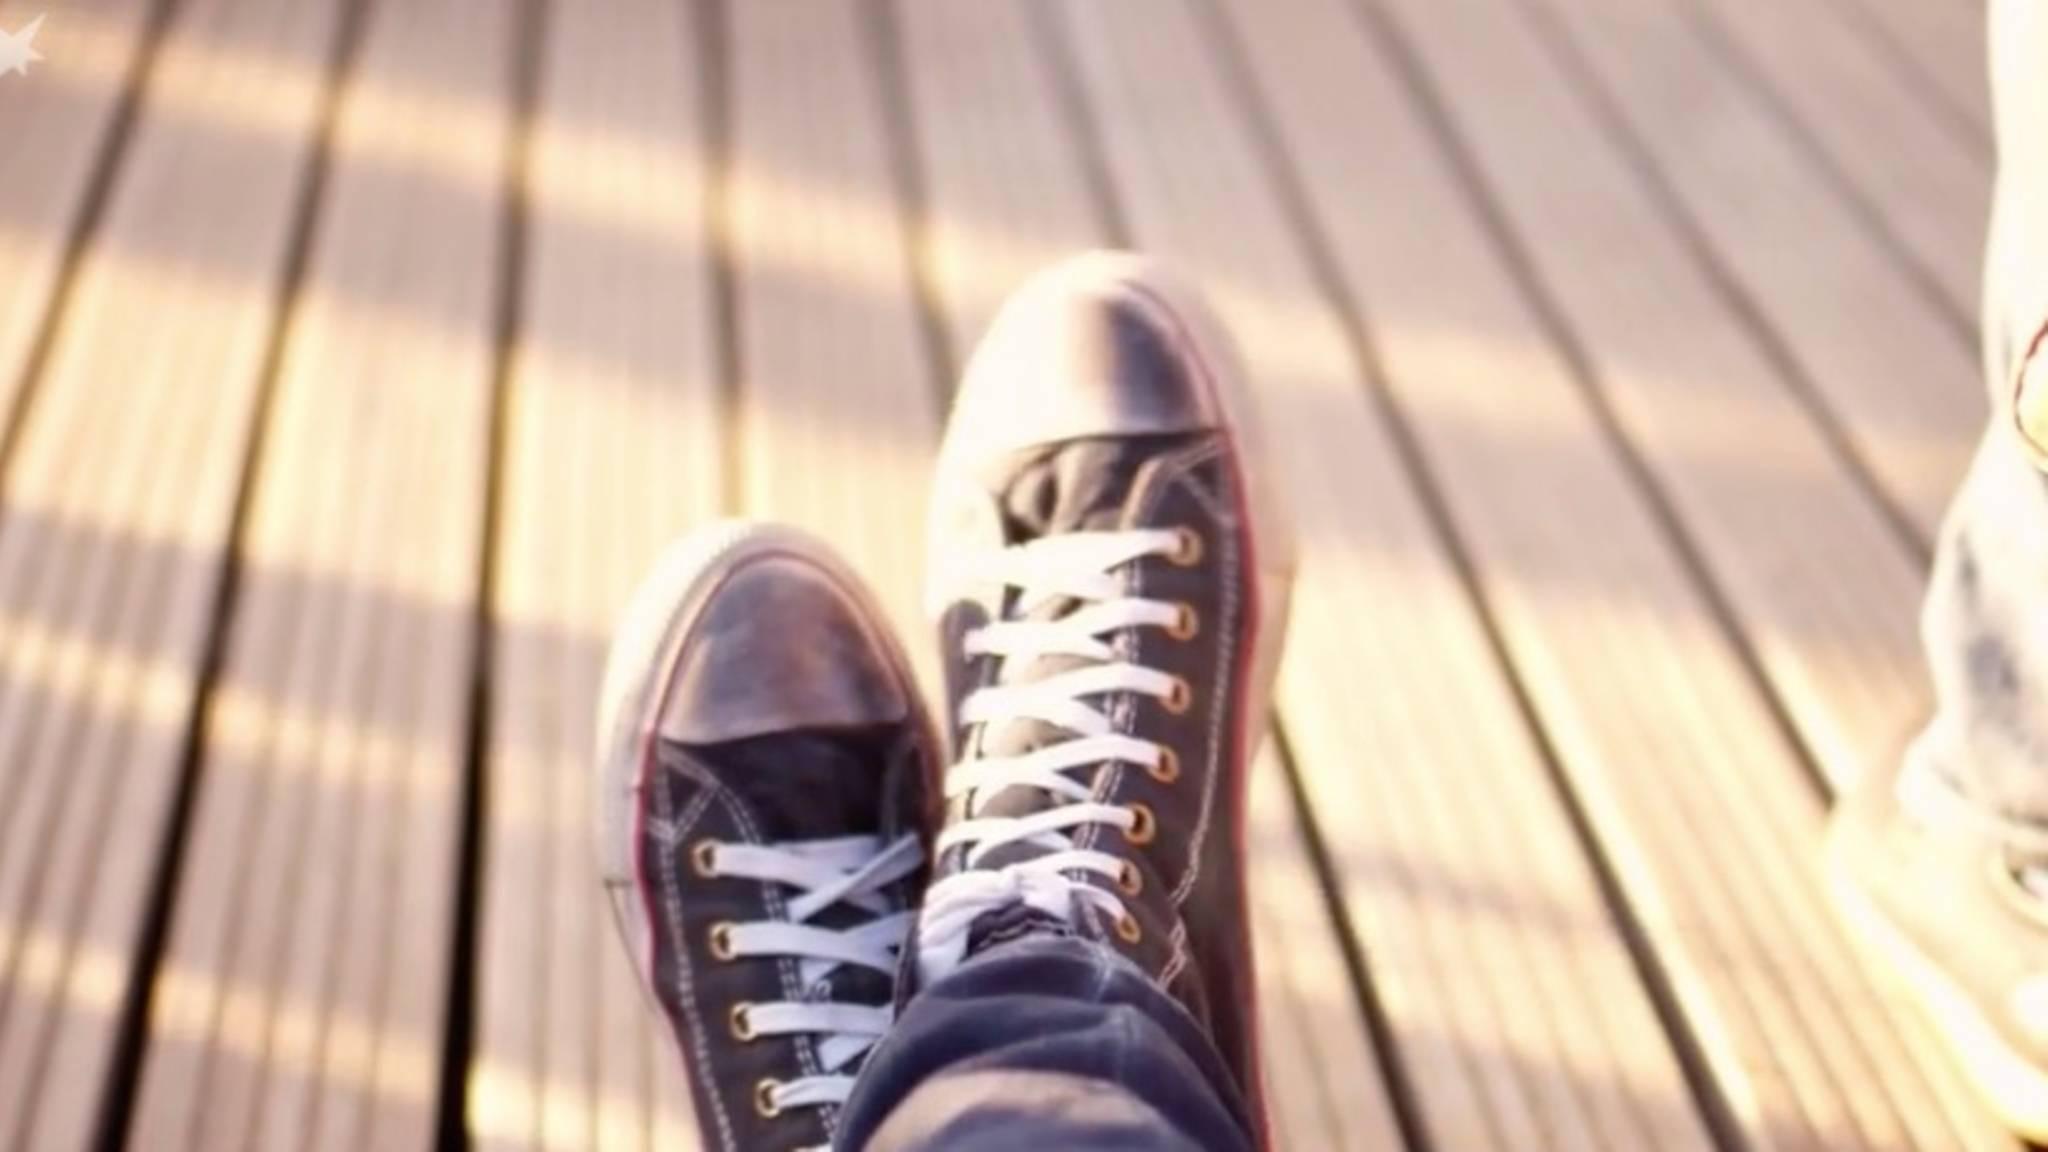 Kcfjl1 Alltagsfragewas Gegen Hilft Wirklich Quietschende Schuhe 4LAjq53ScR